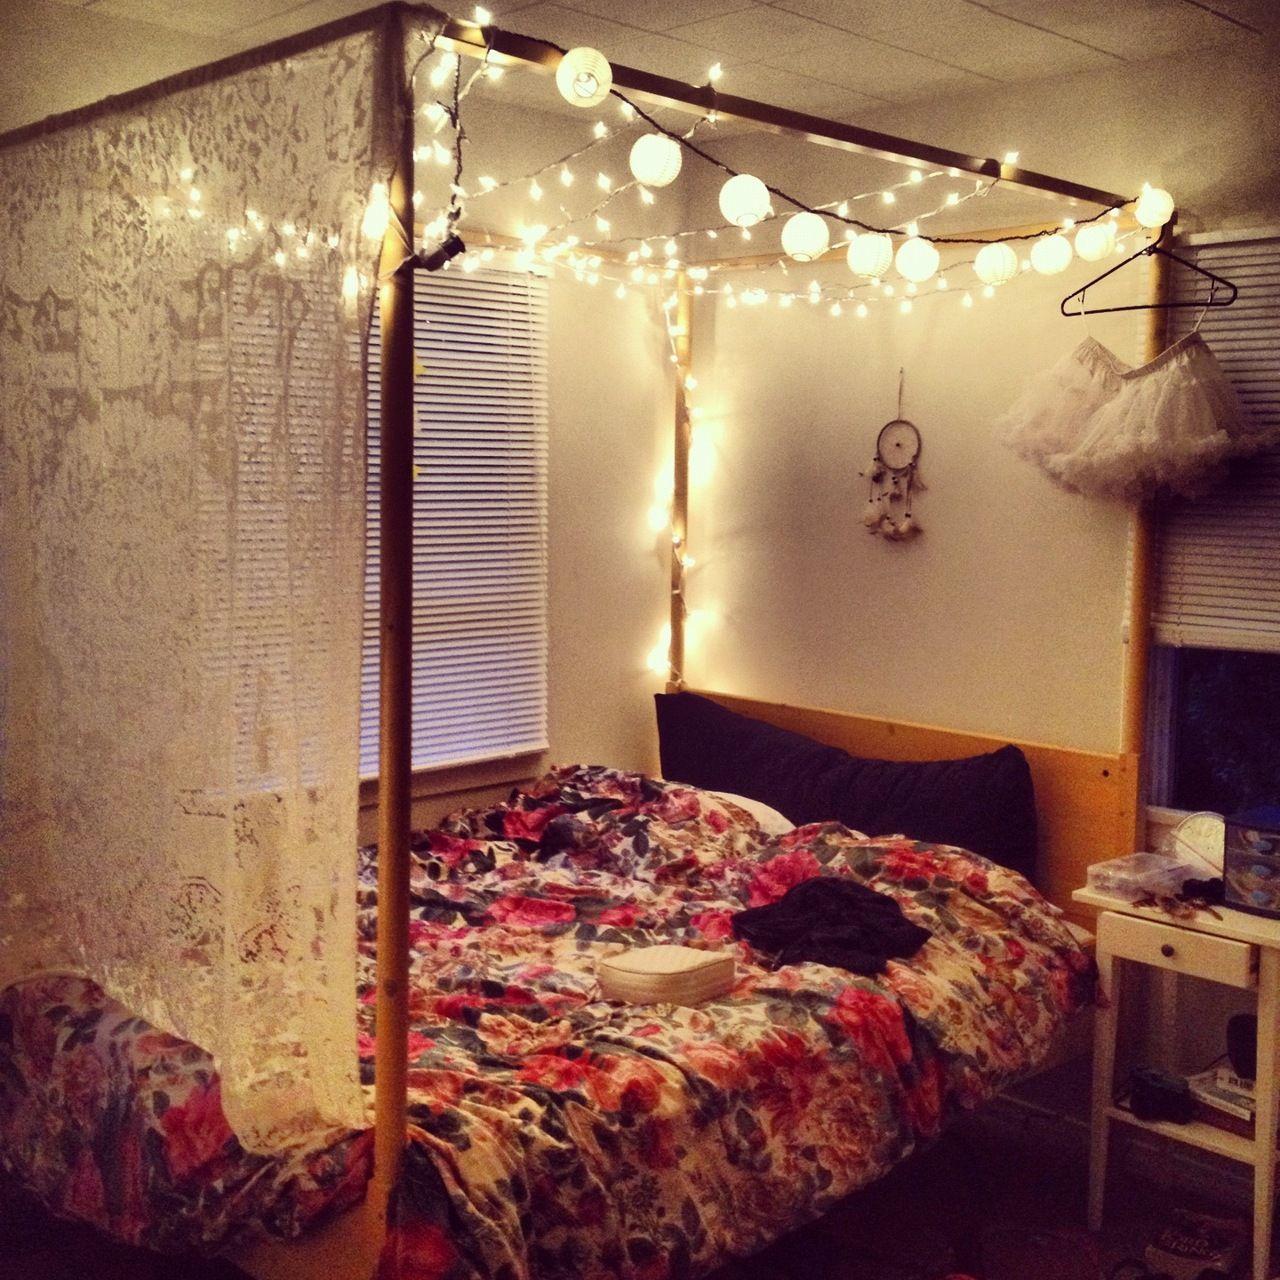 Die Besten 25 Dekoration Wohnzimmer Ideen Auf Pinterest: Die Besten 25+ Teen Deko Ideen Auf Pinterest